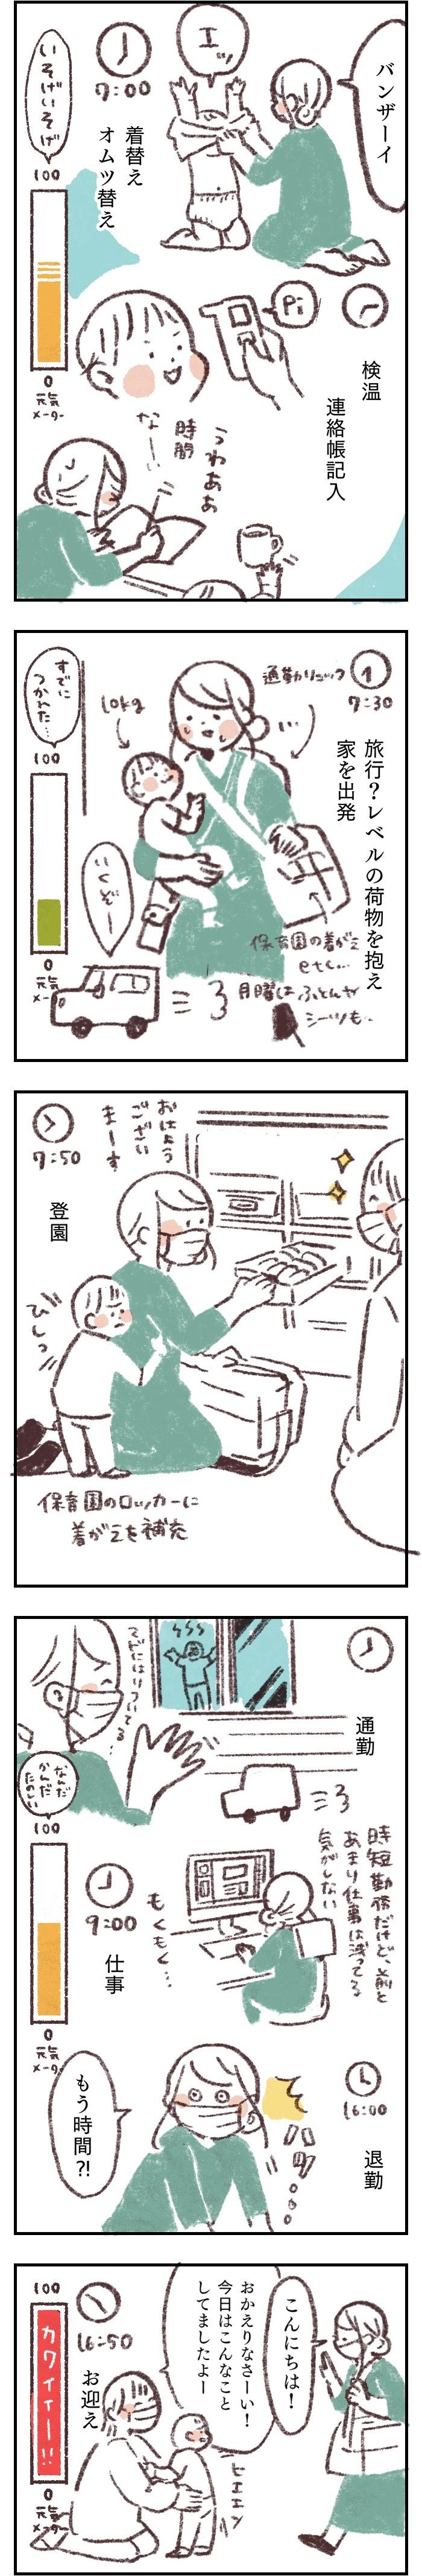 「わかるぅ〜!」詰まってます。ワーママの6時→22時リアルスケジュールの画像2